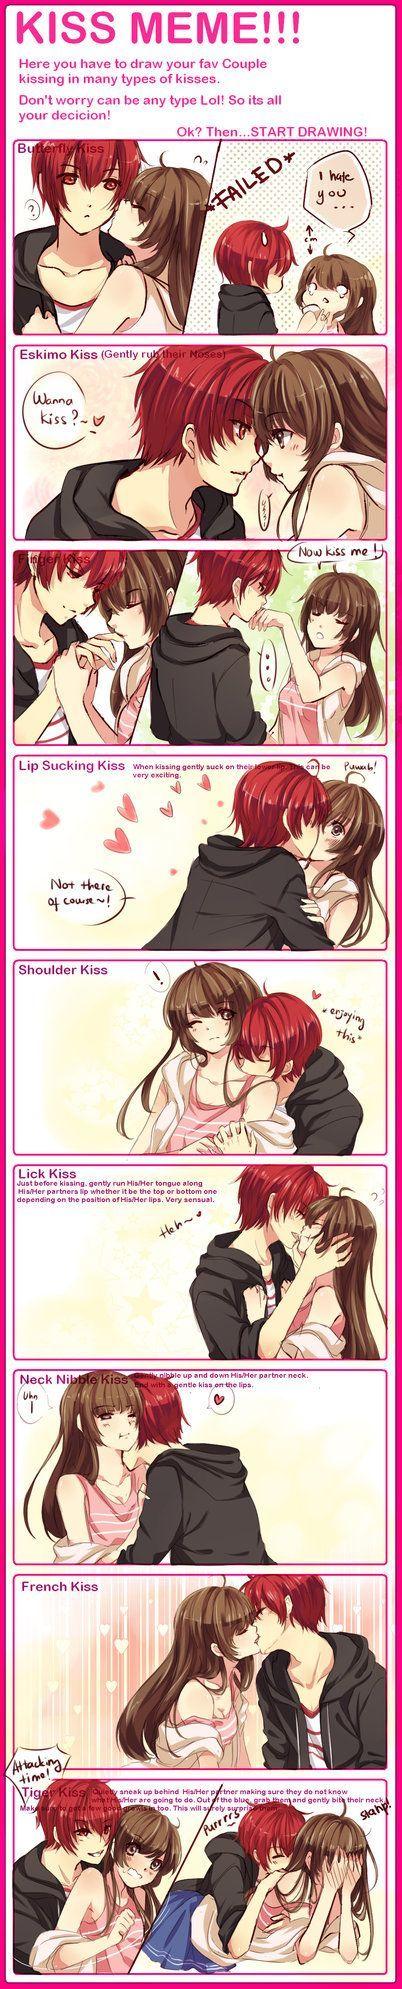 Top Kiss Anime Adorable Dog - 8b6bd2823c0eb794aacd913e8f6bc273--funny-anime-couples-anime-couple-kissing  2018_469285  .jpg